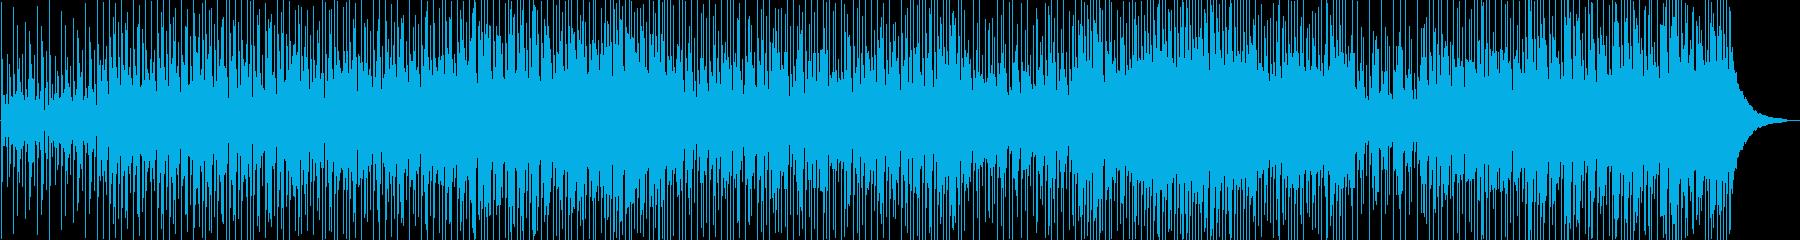 軽快なアコースティックメロディの再生済みの波形